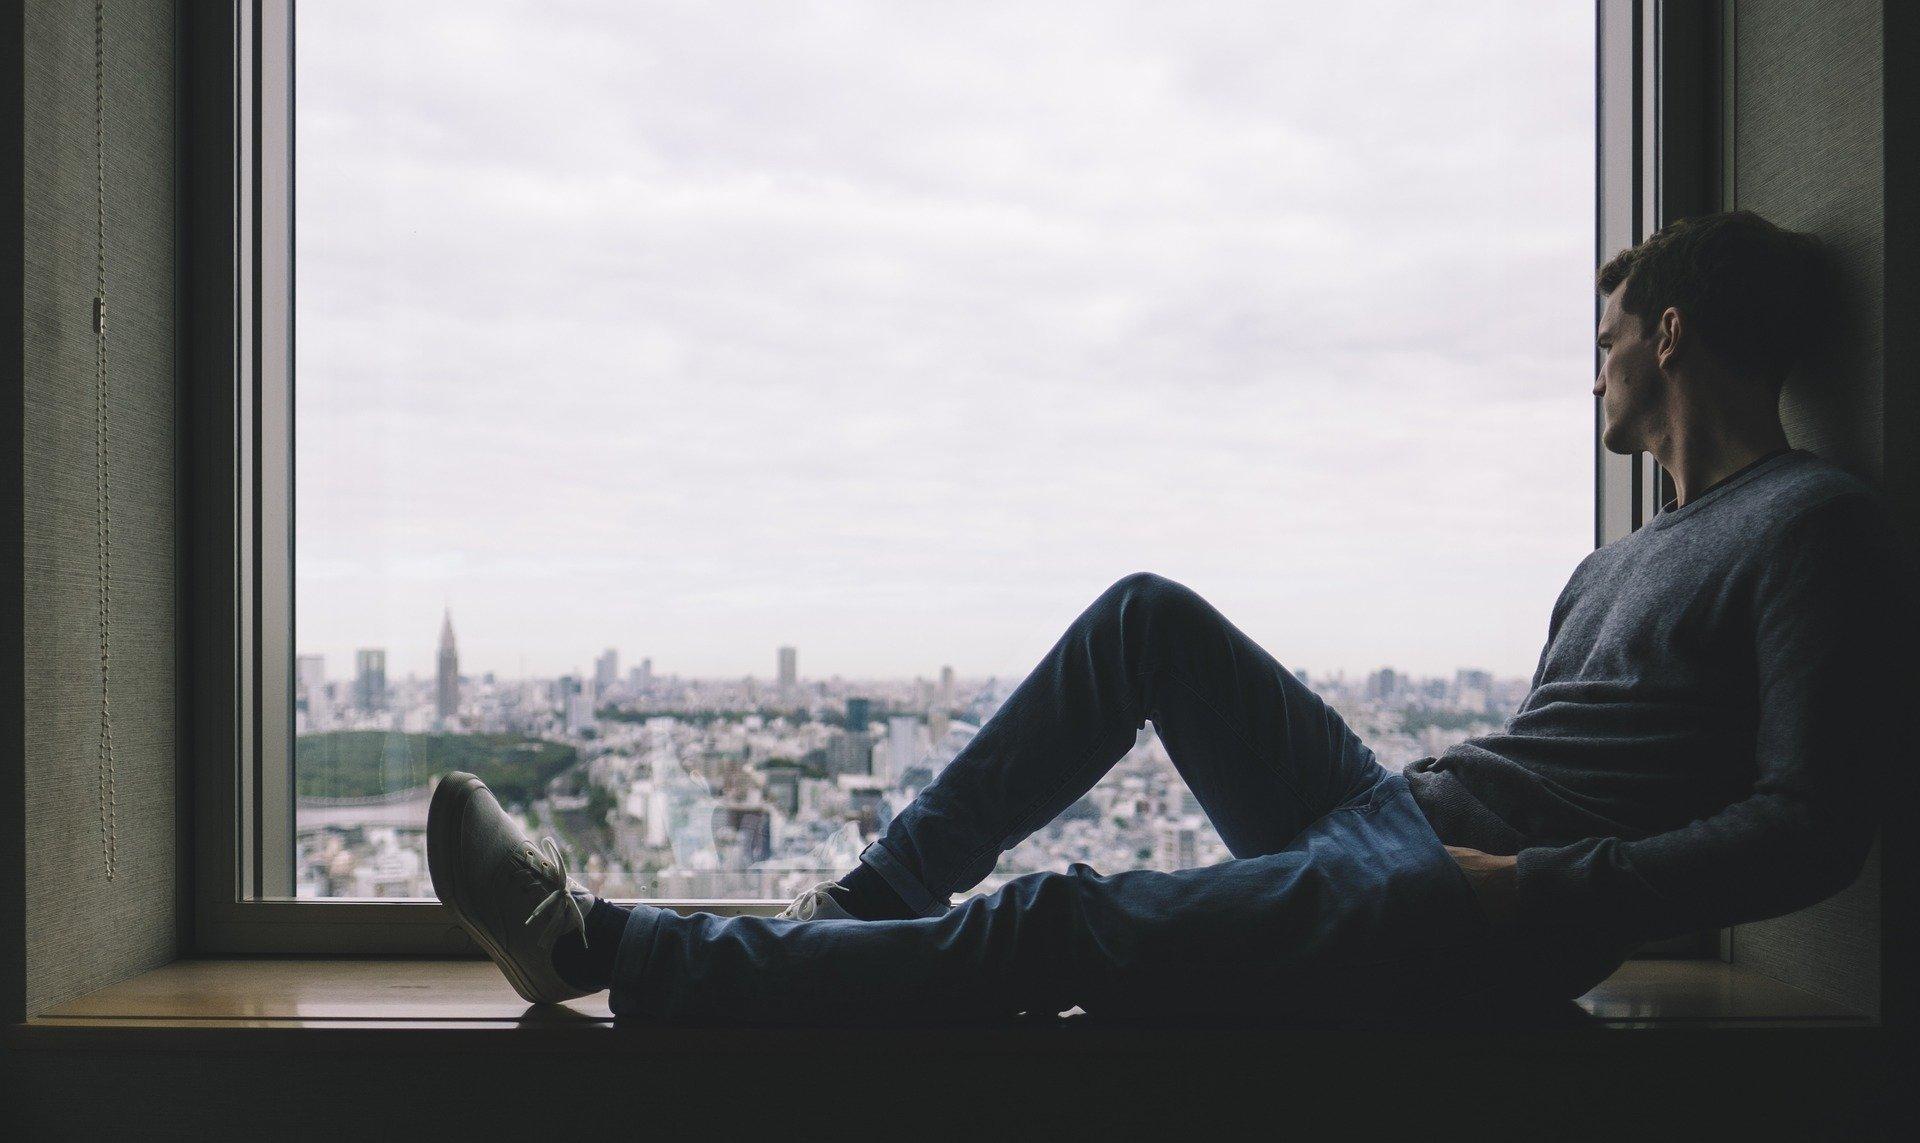 1 - Cercare un isolamento temporaneo